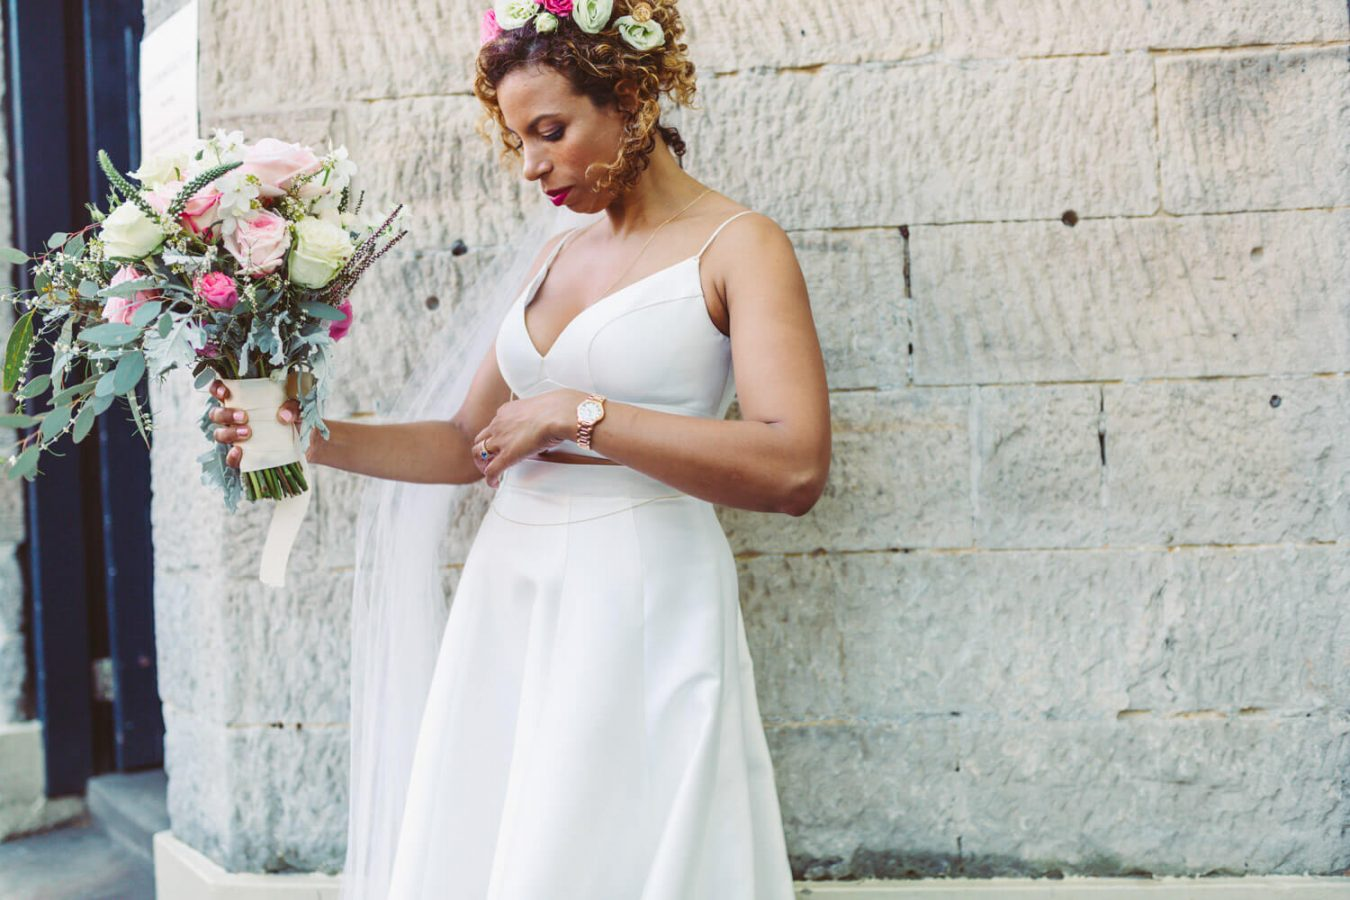 lela_rob_wedding_kat_rollings-0282